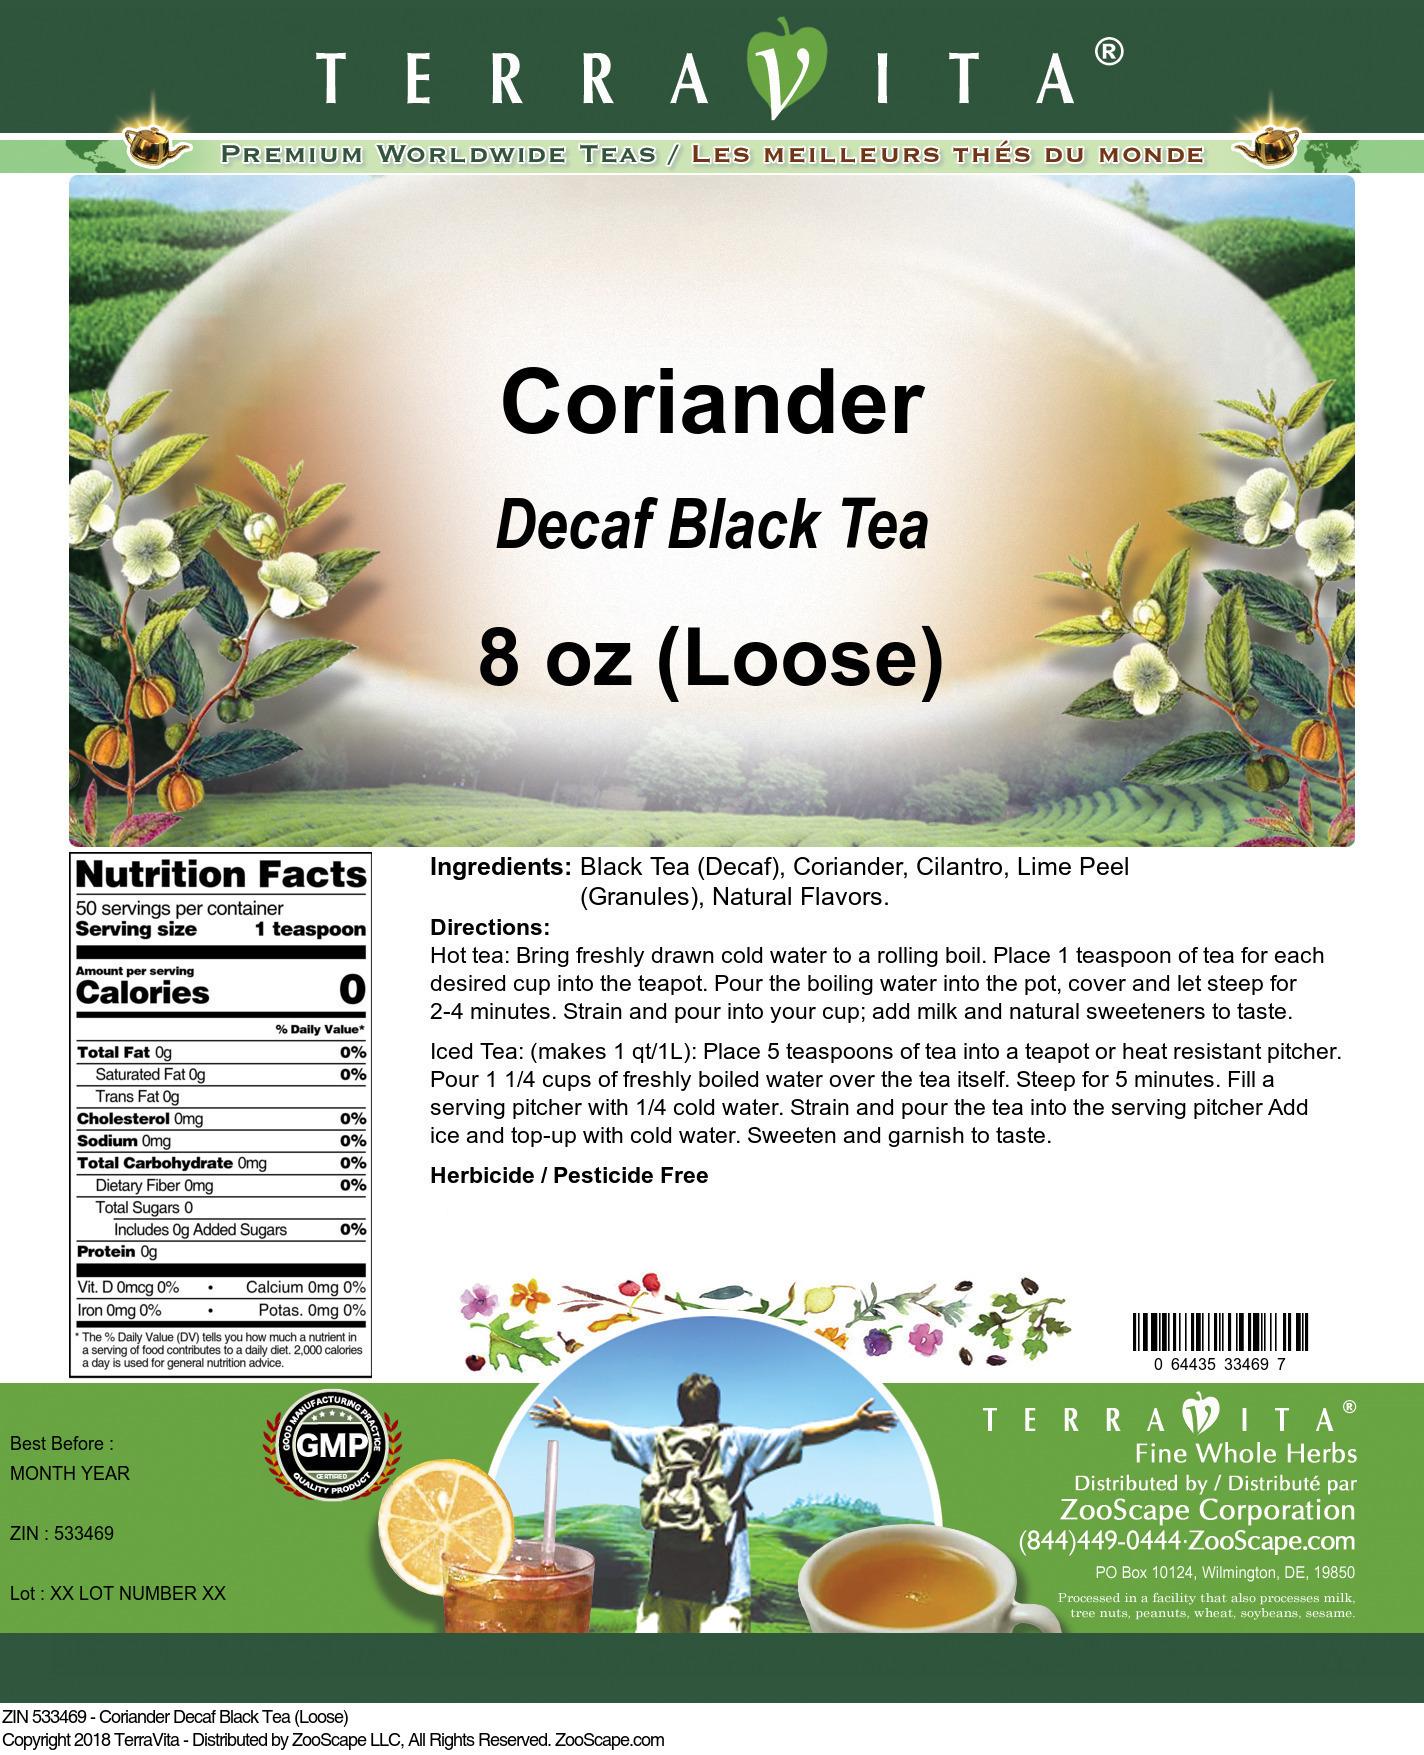 Coriander Decaf Black Tea (Loose)